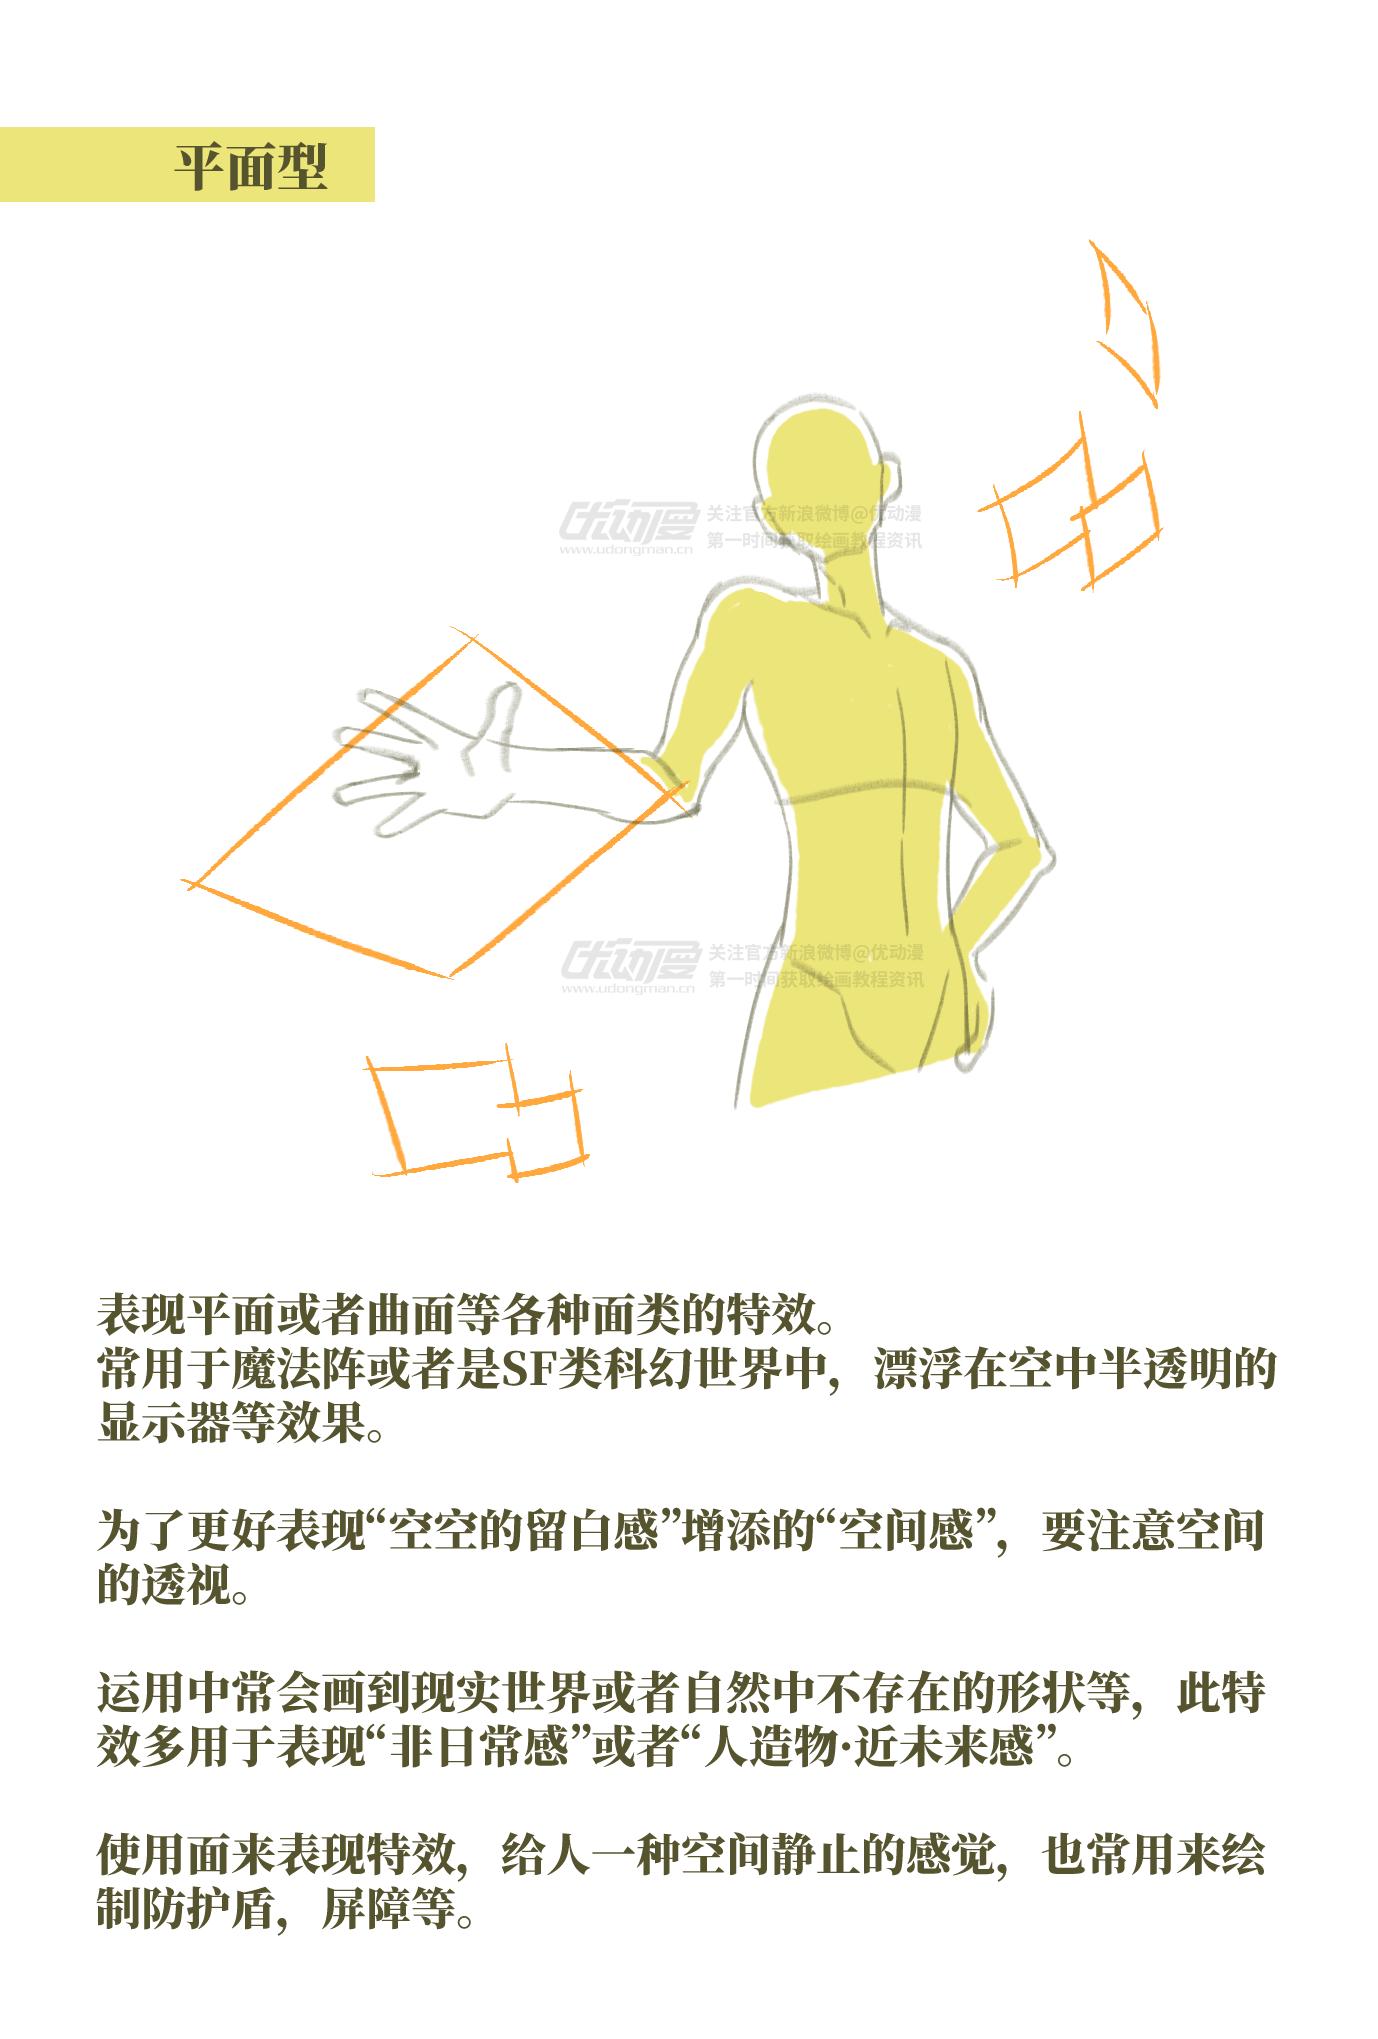 特效画法攻略6.png